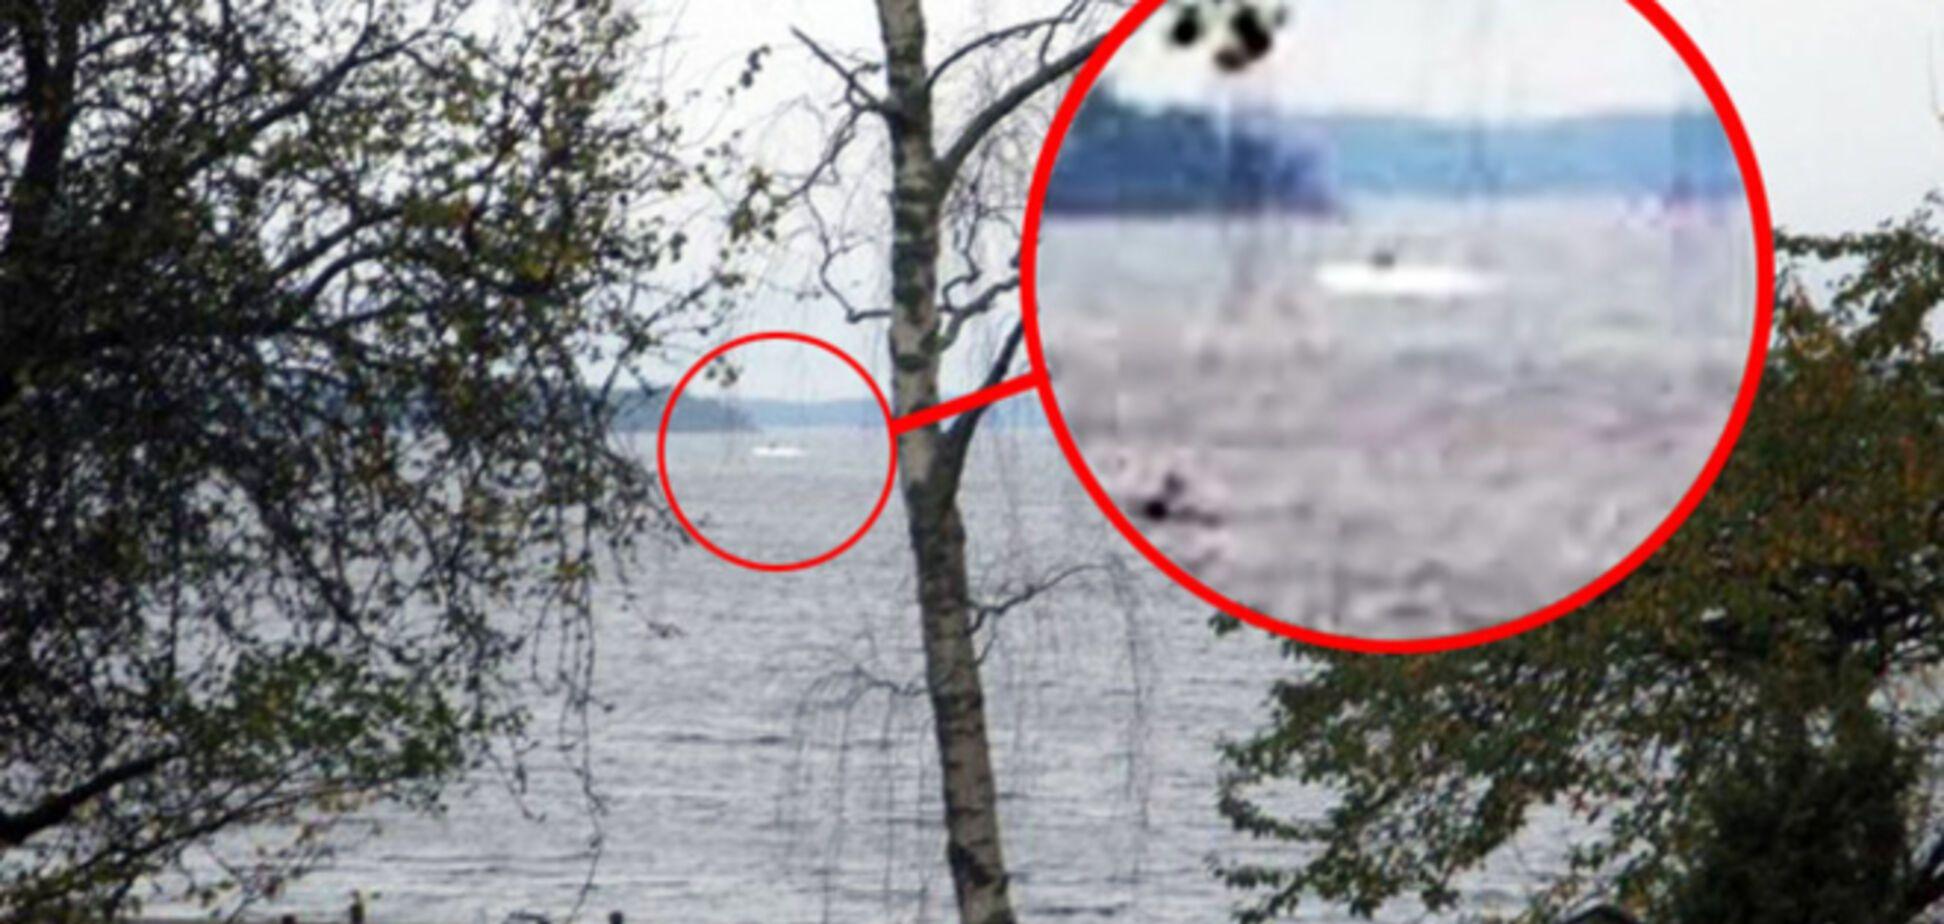 Российские СМИ заявили, что подлодка у берегов Швеции – это НЛО